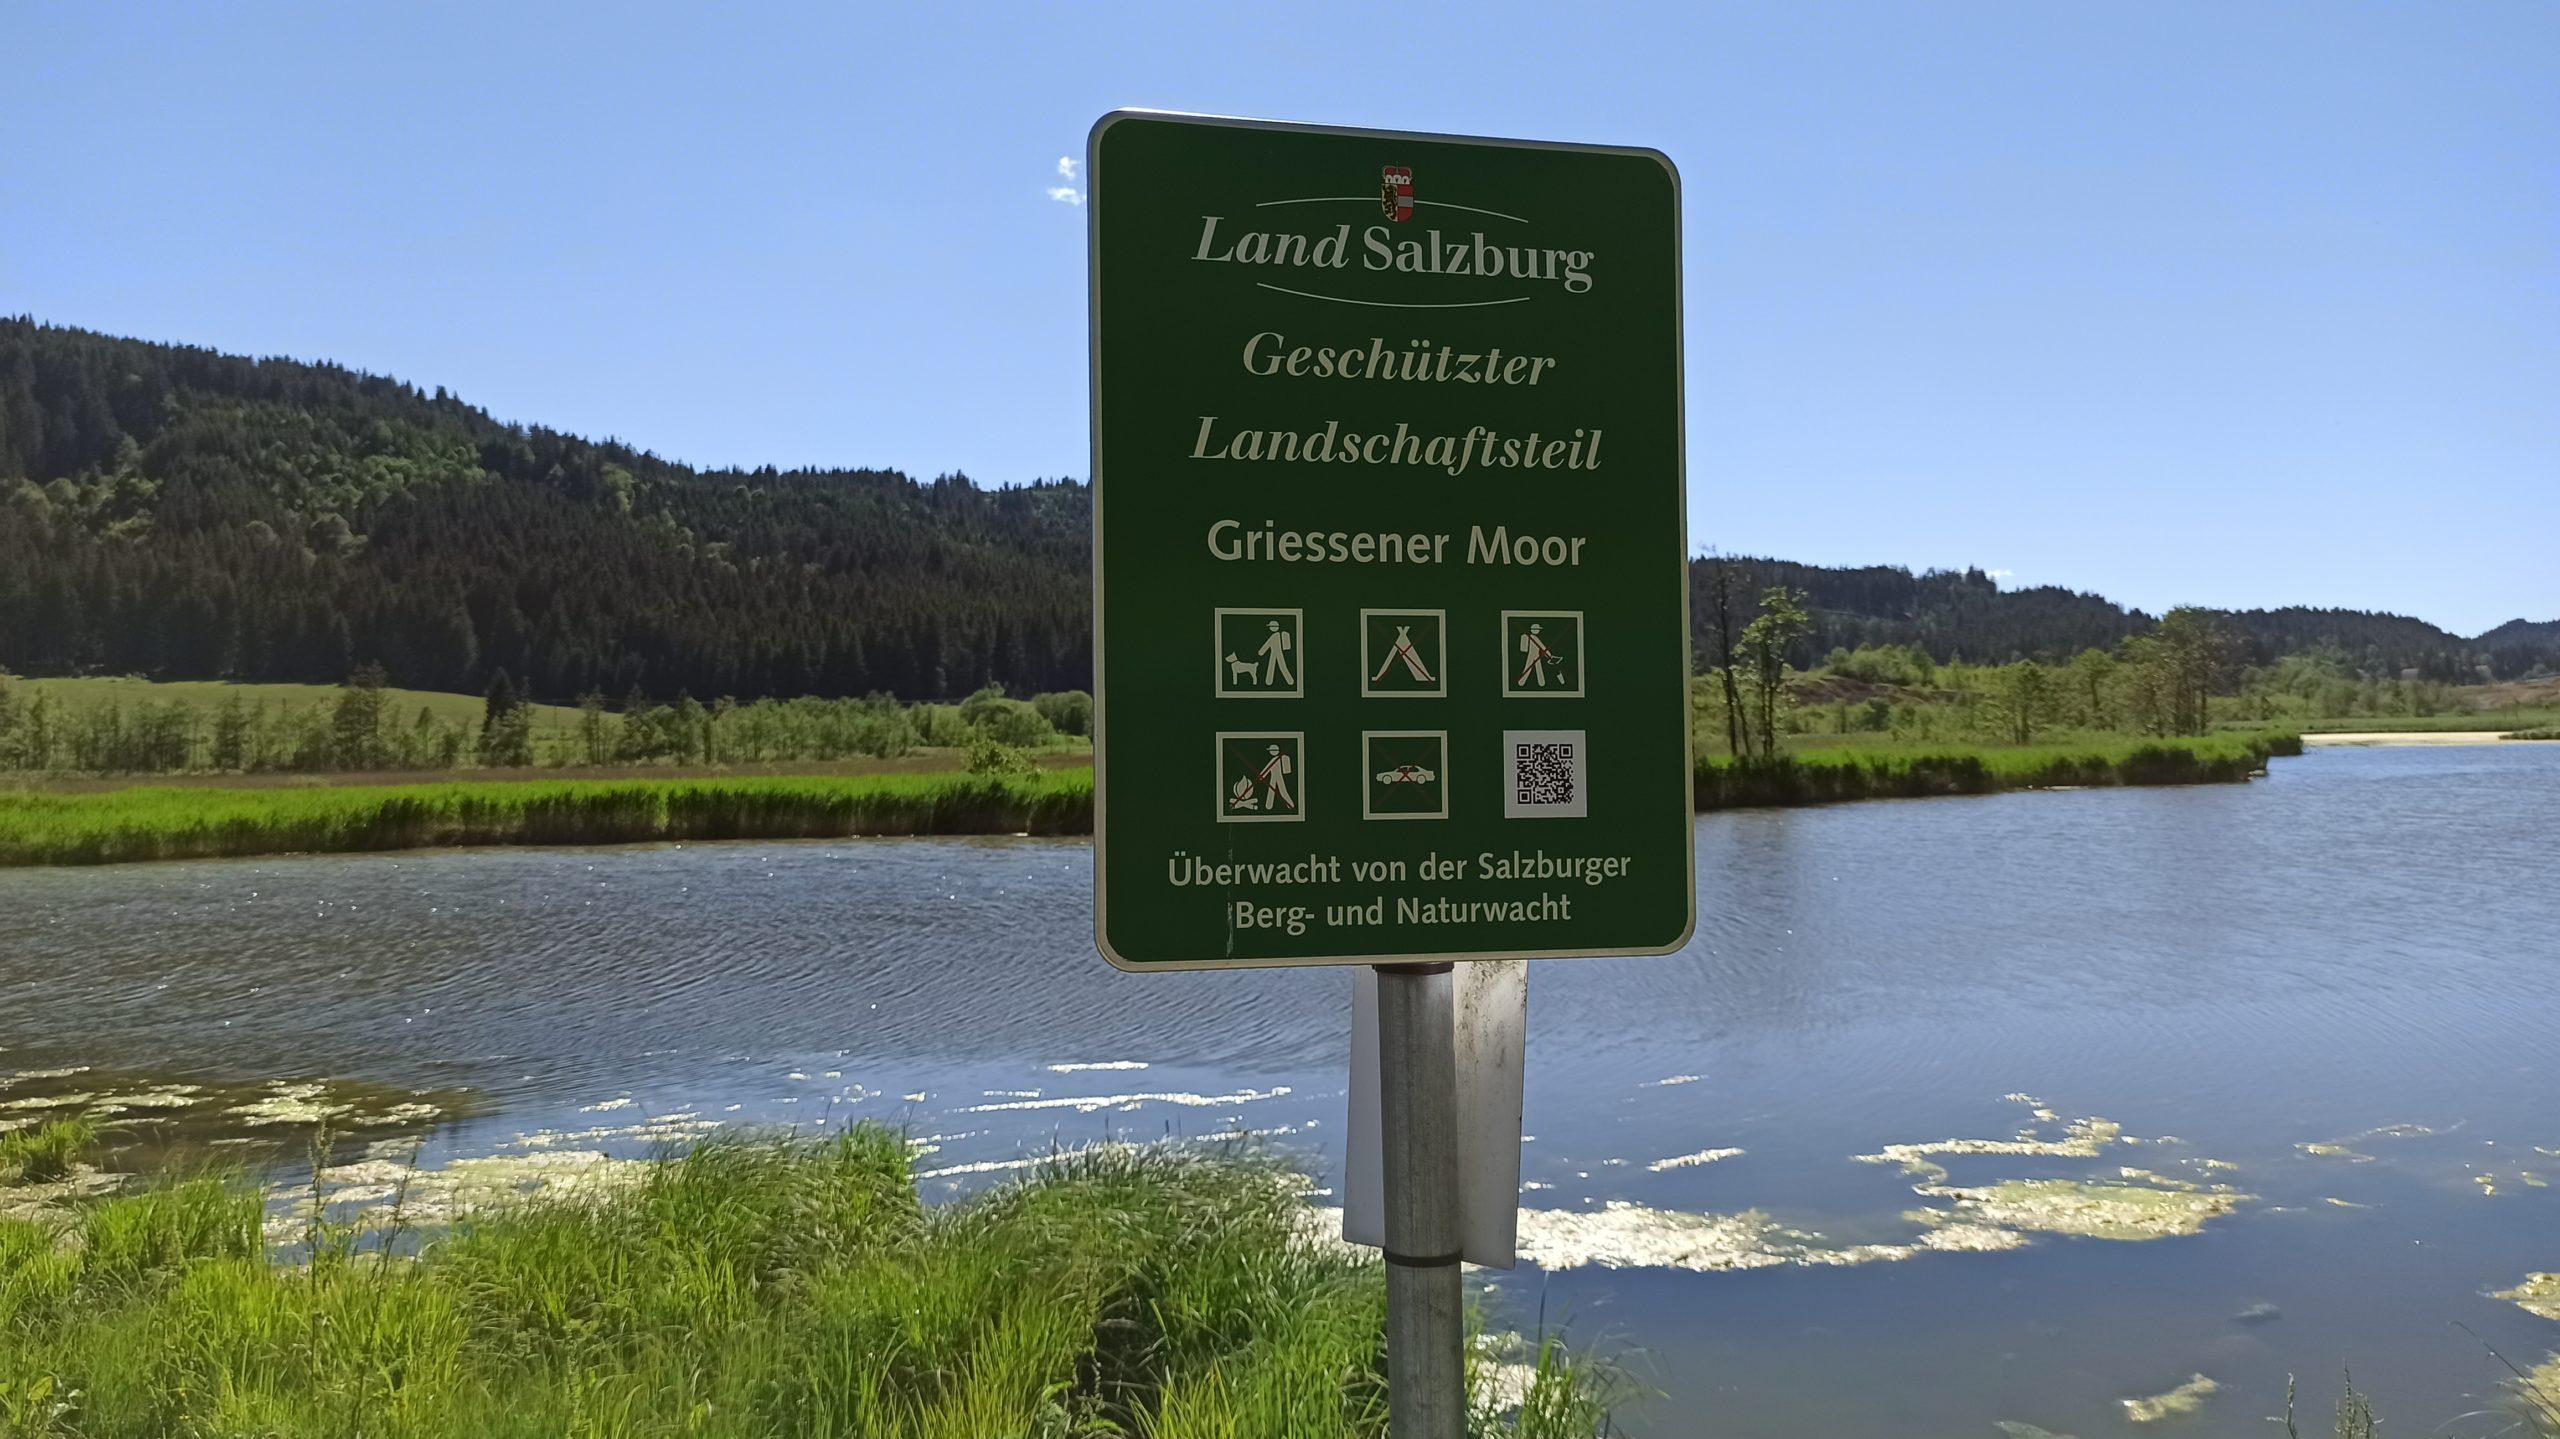 Schon seit 1986 steht diese wertvolle Naturlandschaft unter Schutz